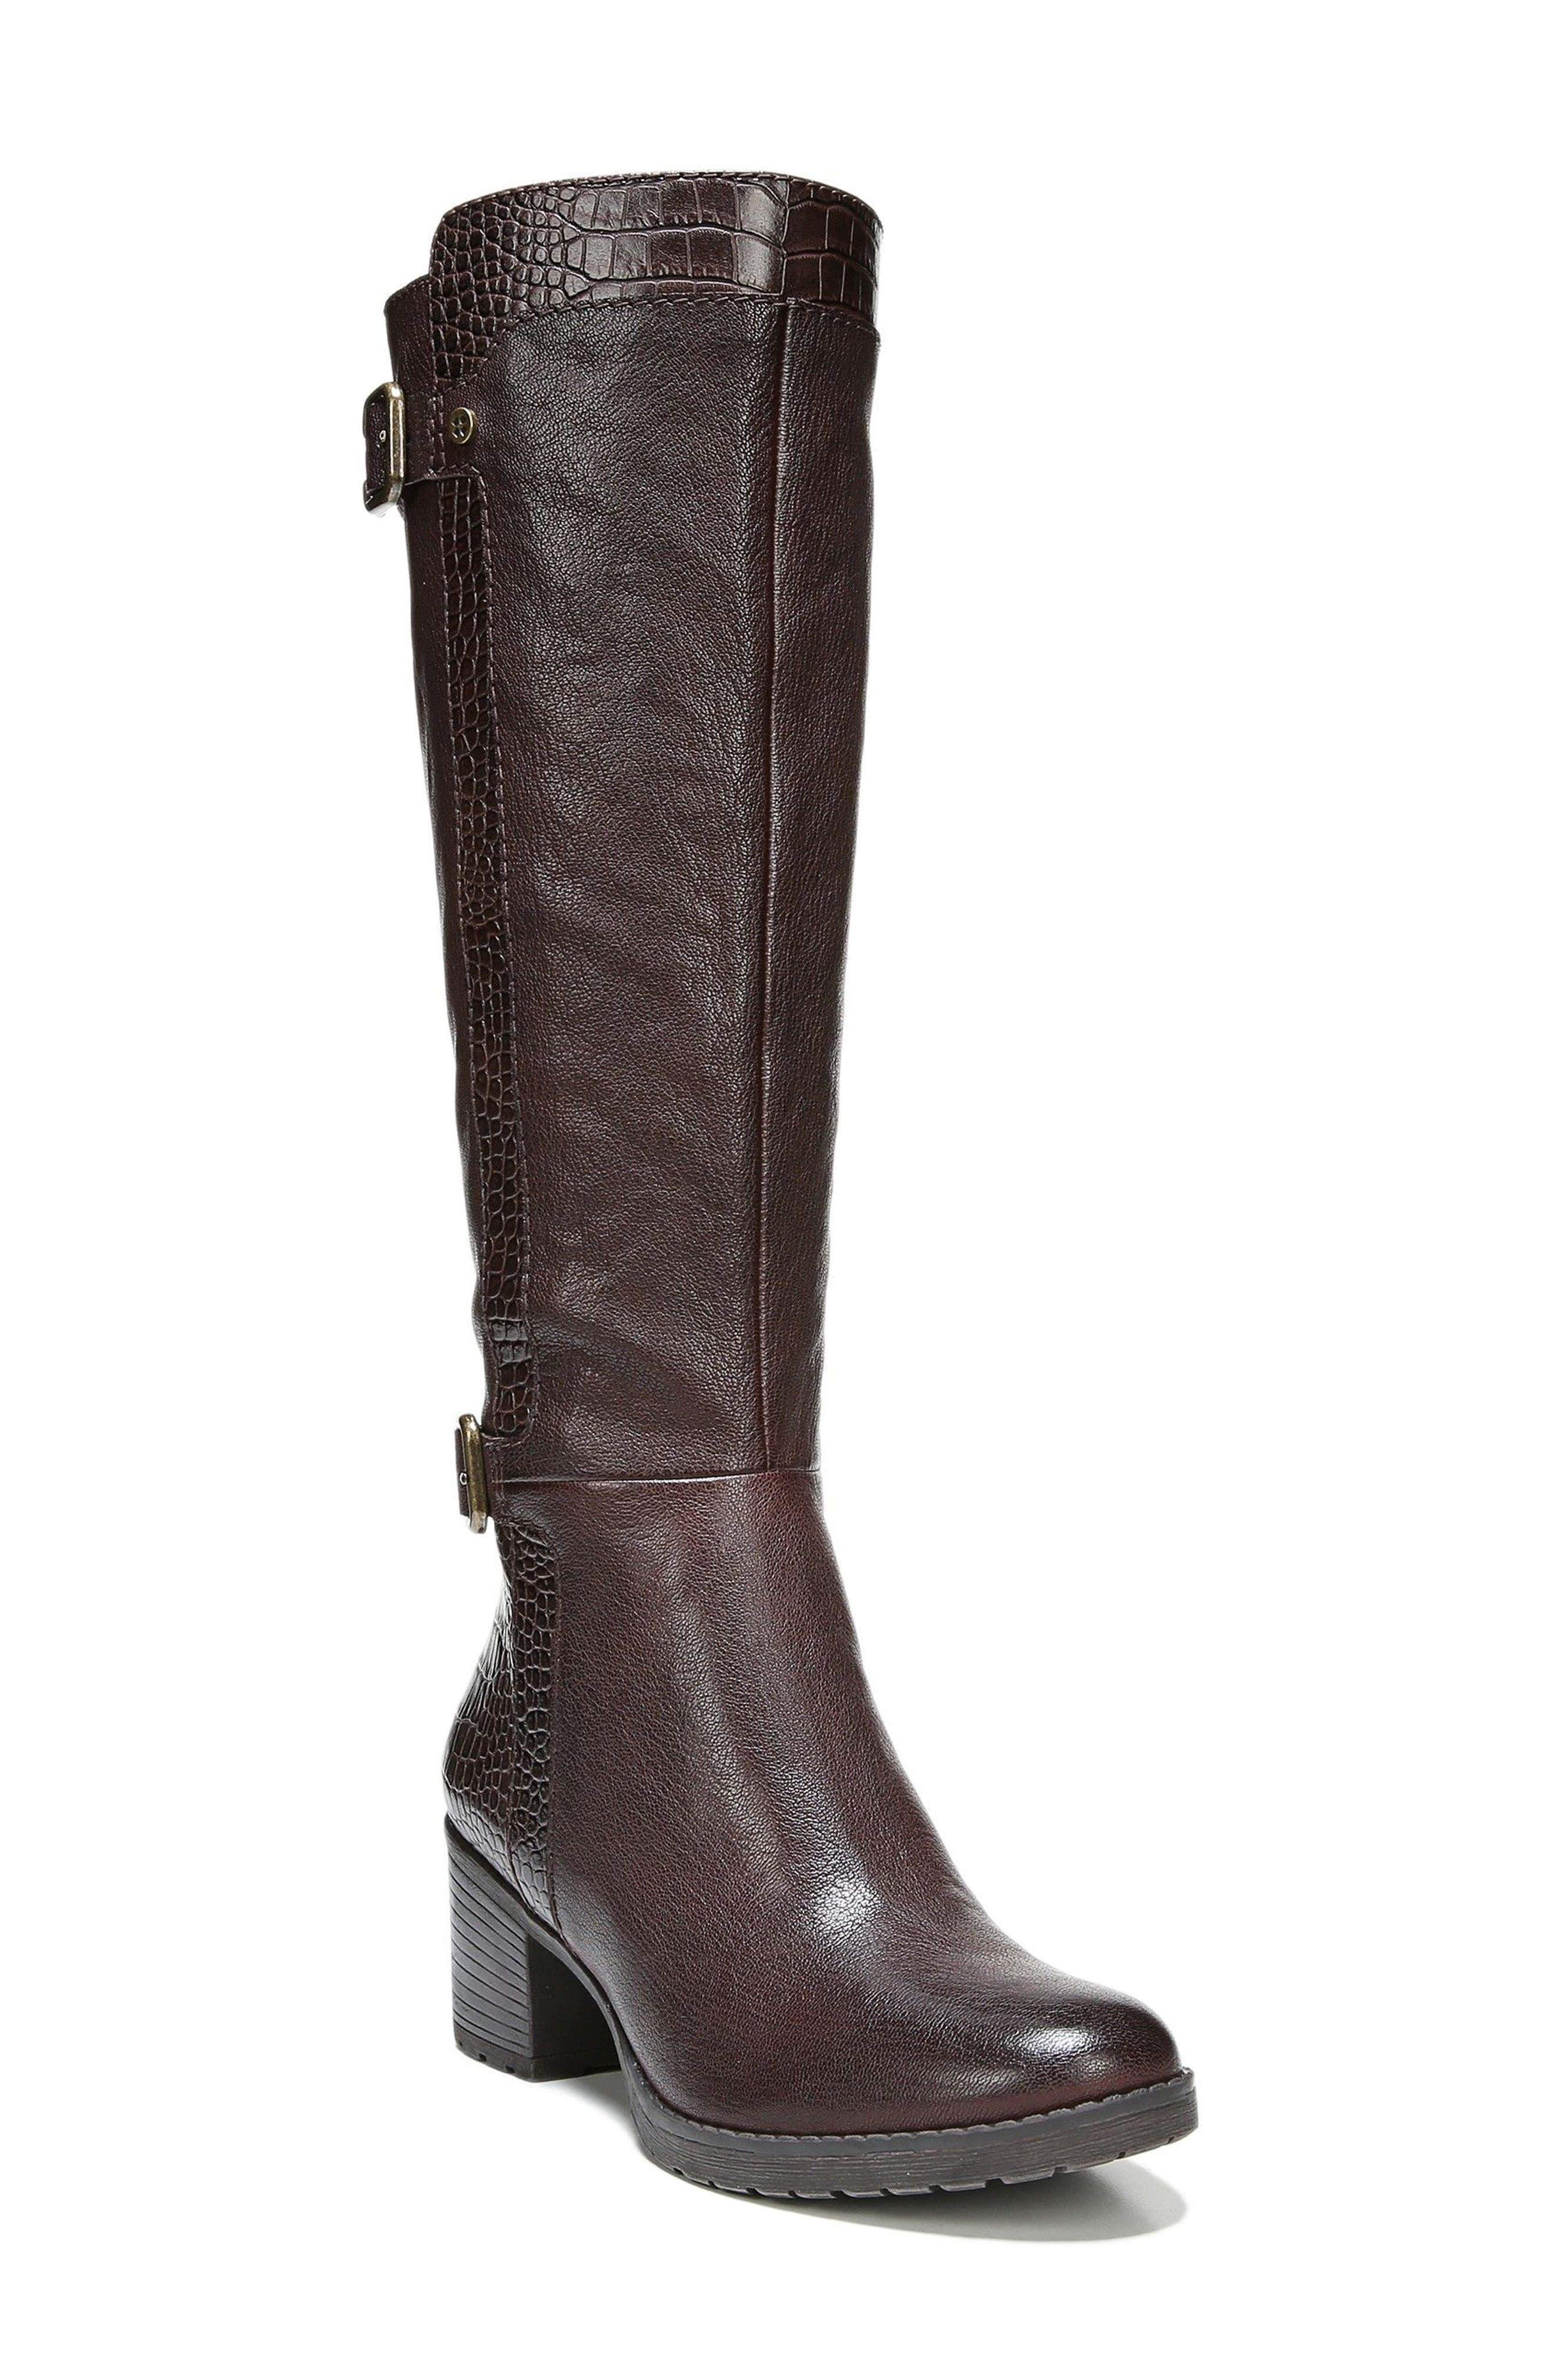 Main Image - Naturalizer Rozene Knee High Boot (Women)